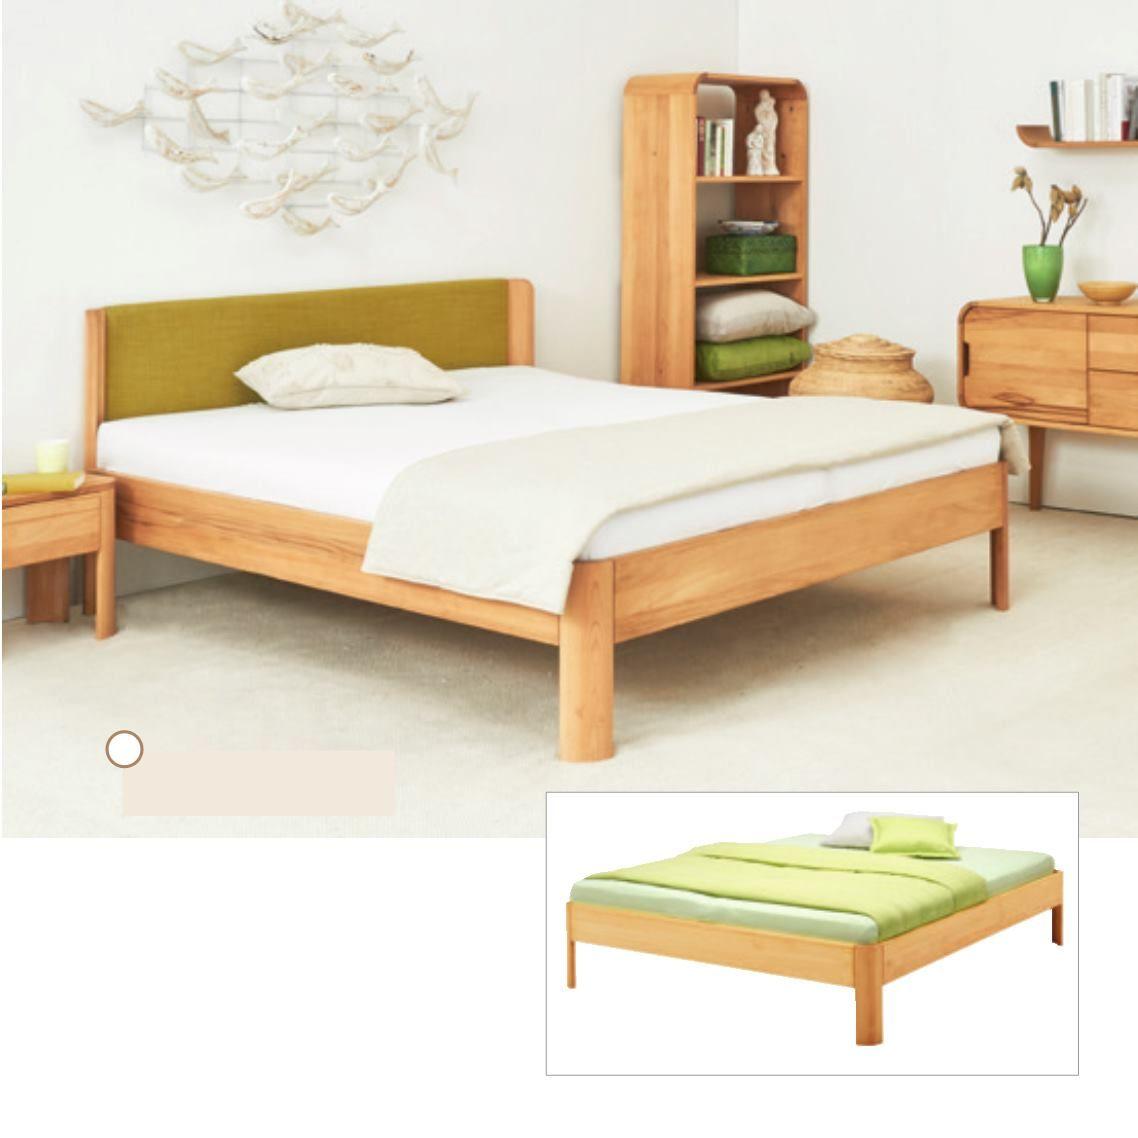 Bett Ronda Möbelum 399 40cm Hoch Wohnen Schlafzimmer Und Wohnen